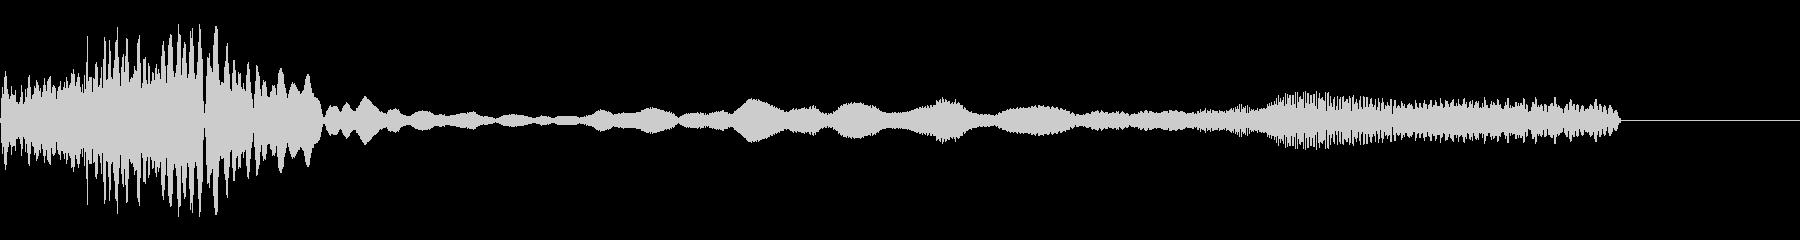 高めの音のレーザー音ですの未再生の波形